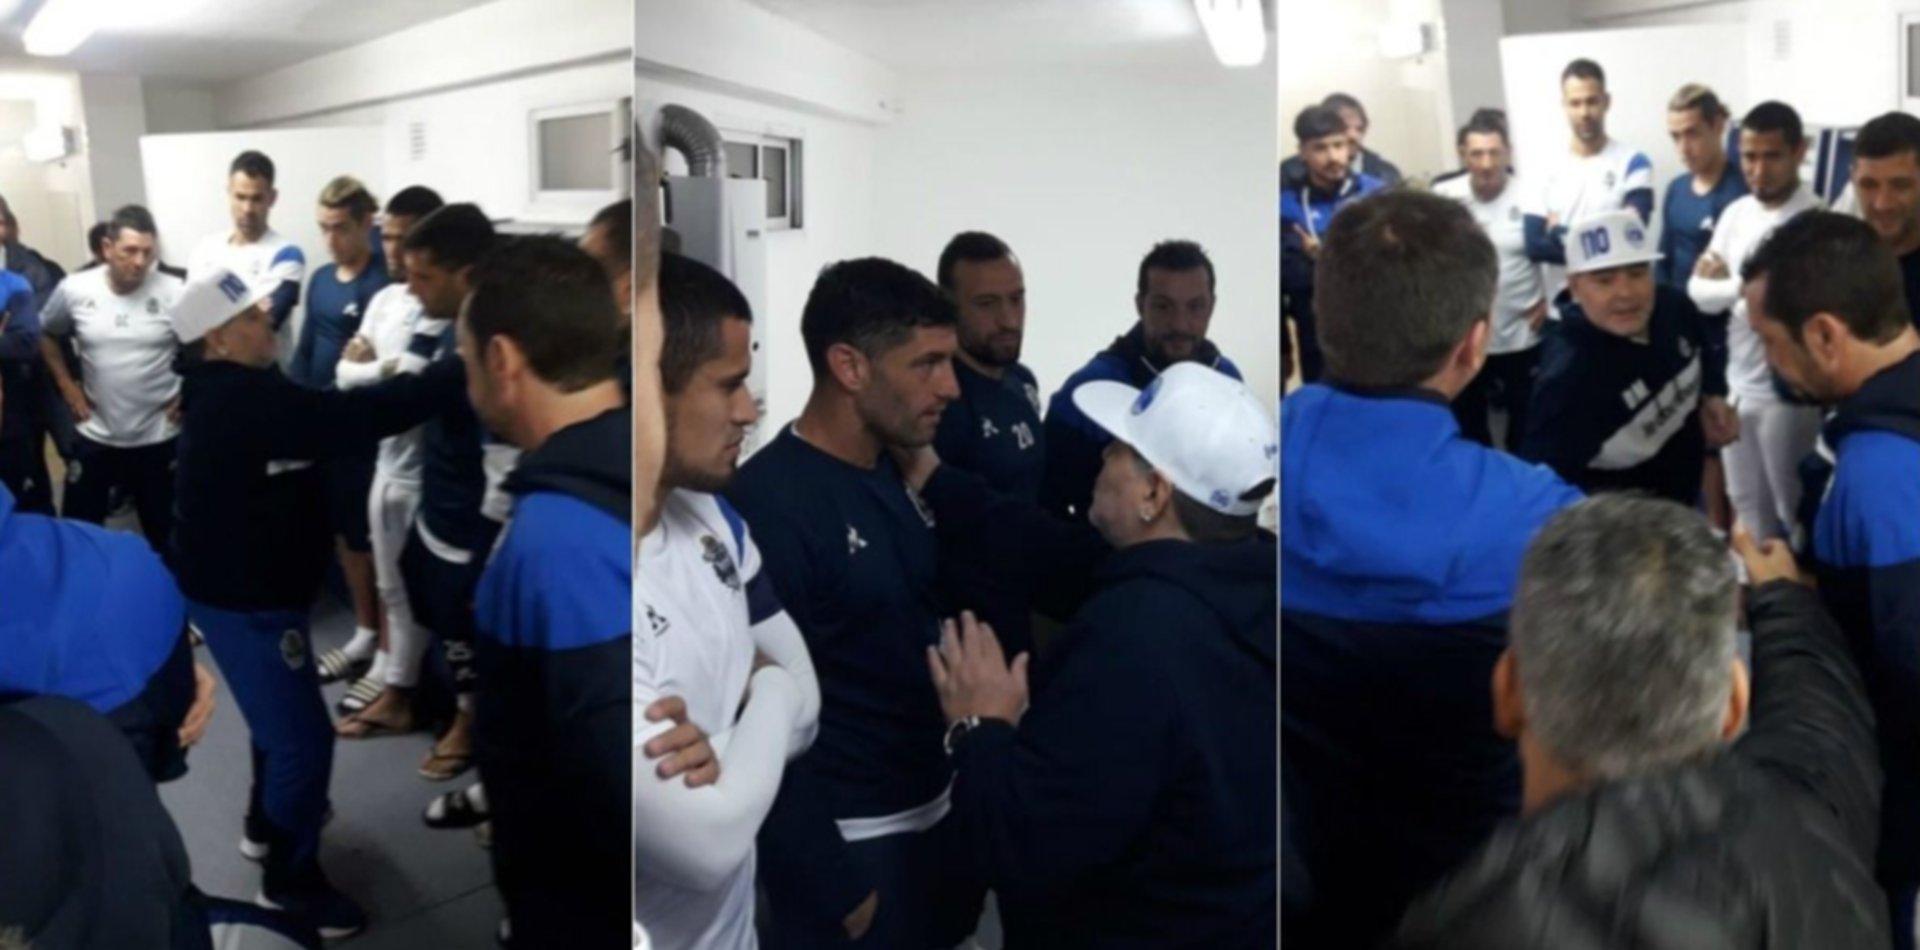 Charla en el vestuario: así fue el primer contacto de Maradona con los jugadores de Gimnasia